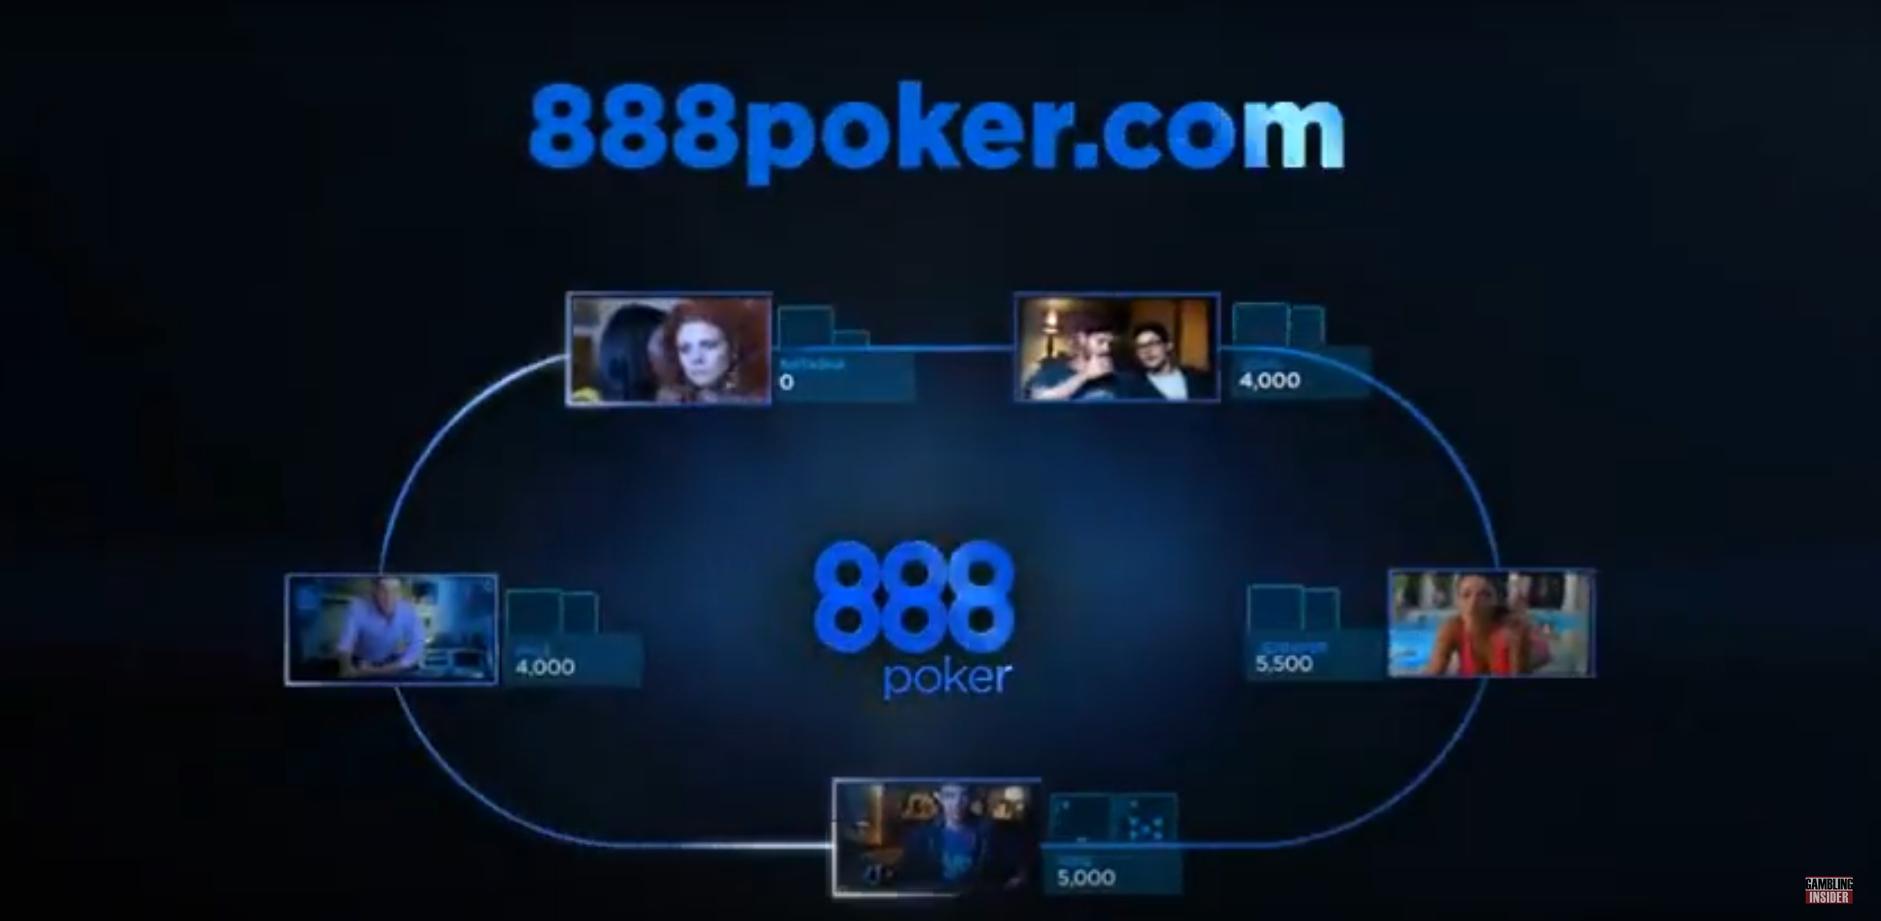 Веб камера покер онлайн в отеле праги проходили семки фильма казино рояль